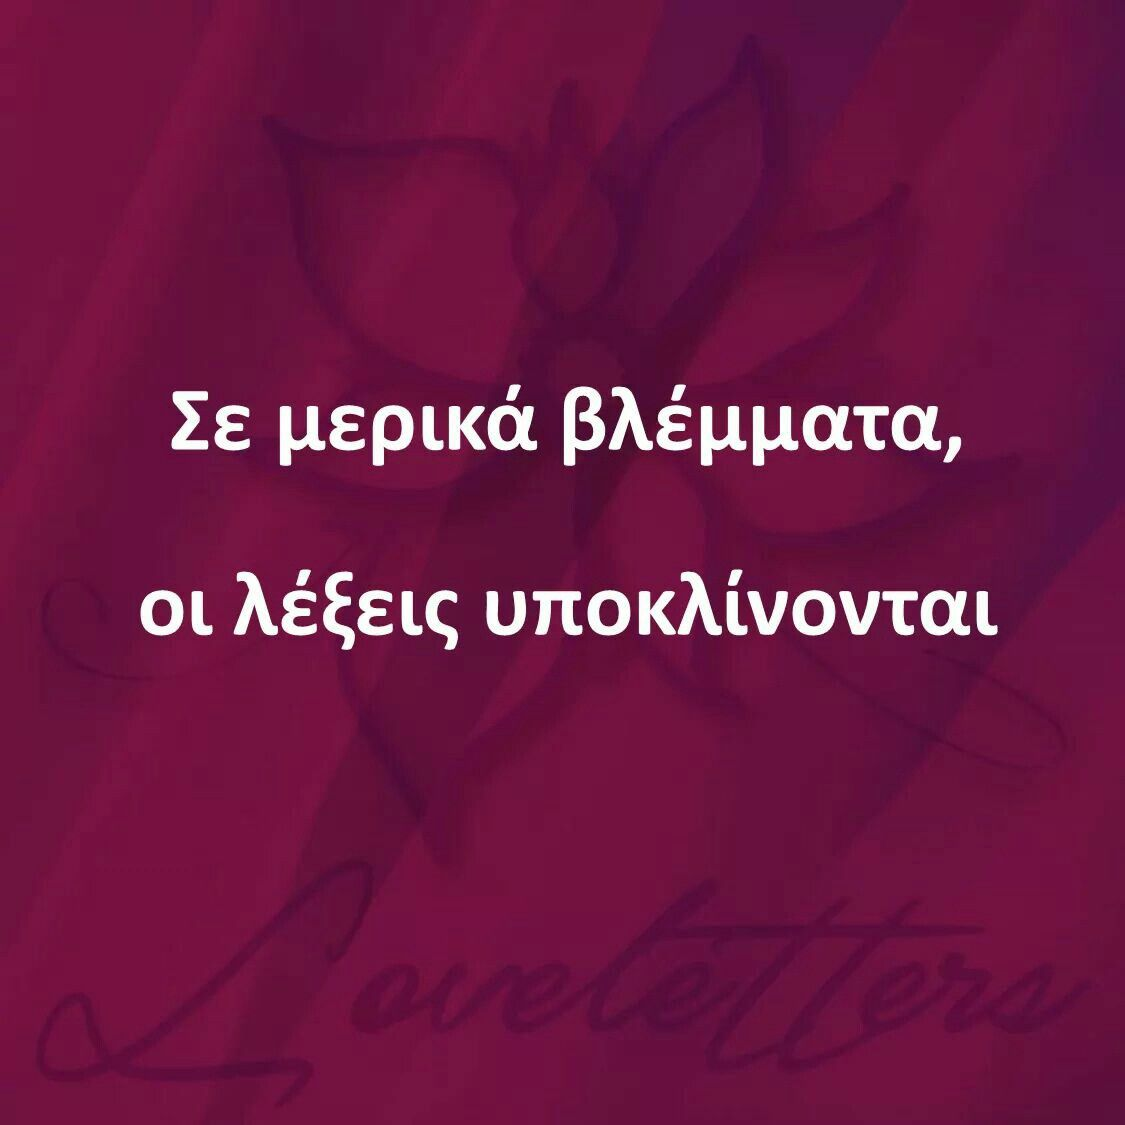 Pin By Katerina Syrigou On Diafora Poihmatakia Greek Quotes True Words Words